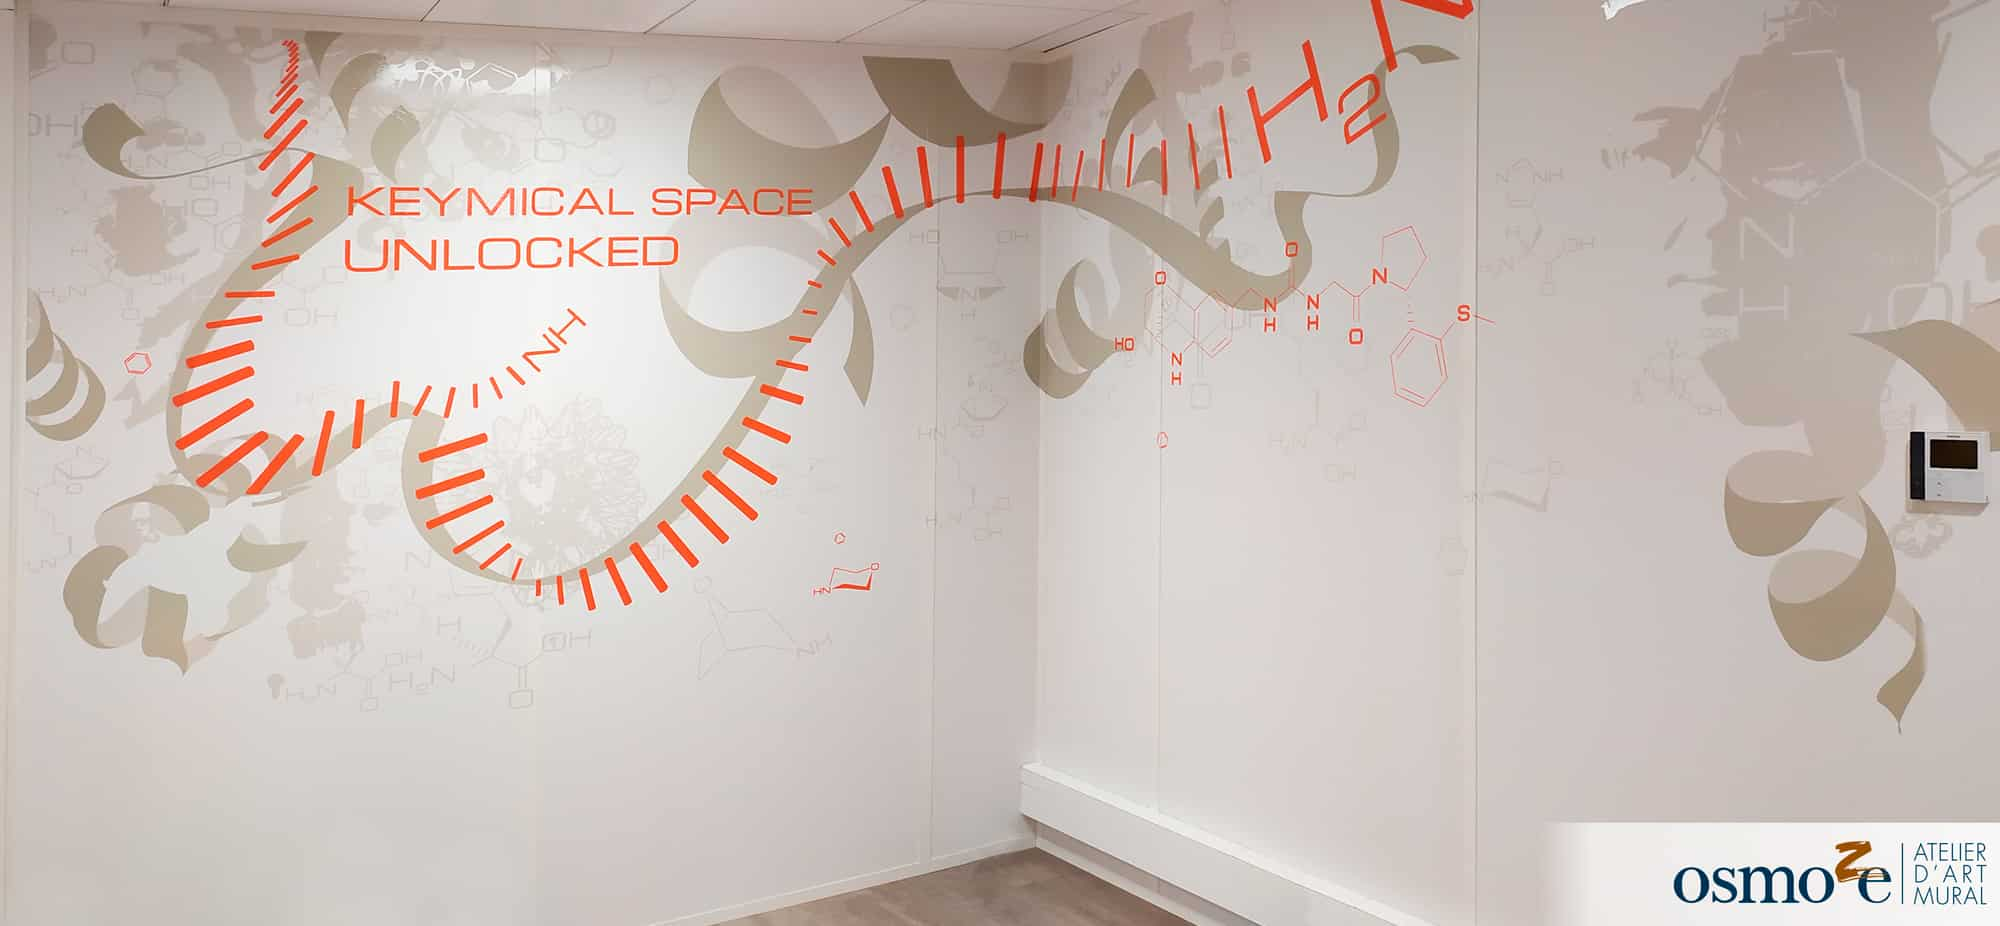 Immersion à l'échelle du microscopique grâce à la décoration murale – EDELRIS – LYON (69)